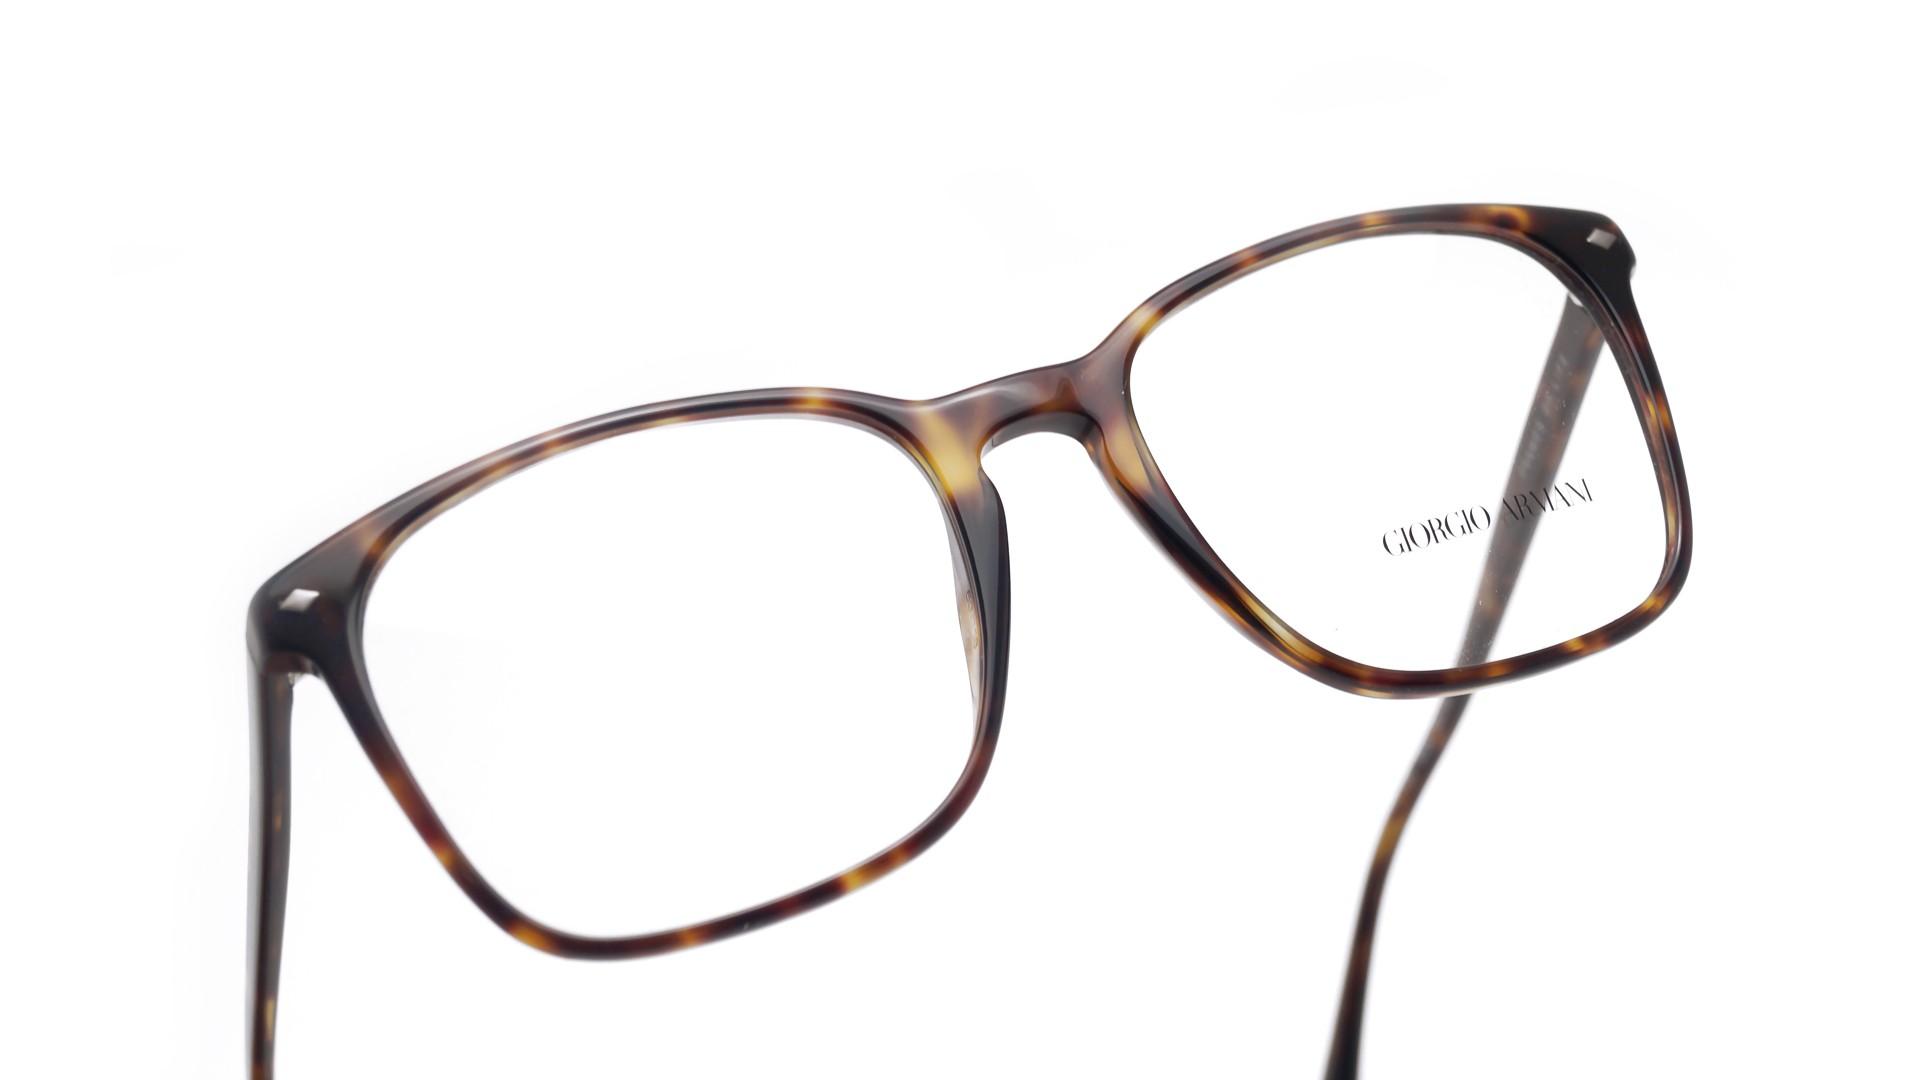 5f2c7f5eb6 Lunettes Giorgio Armani Frames Of Life